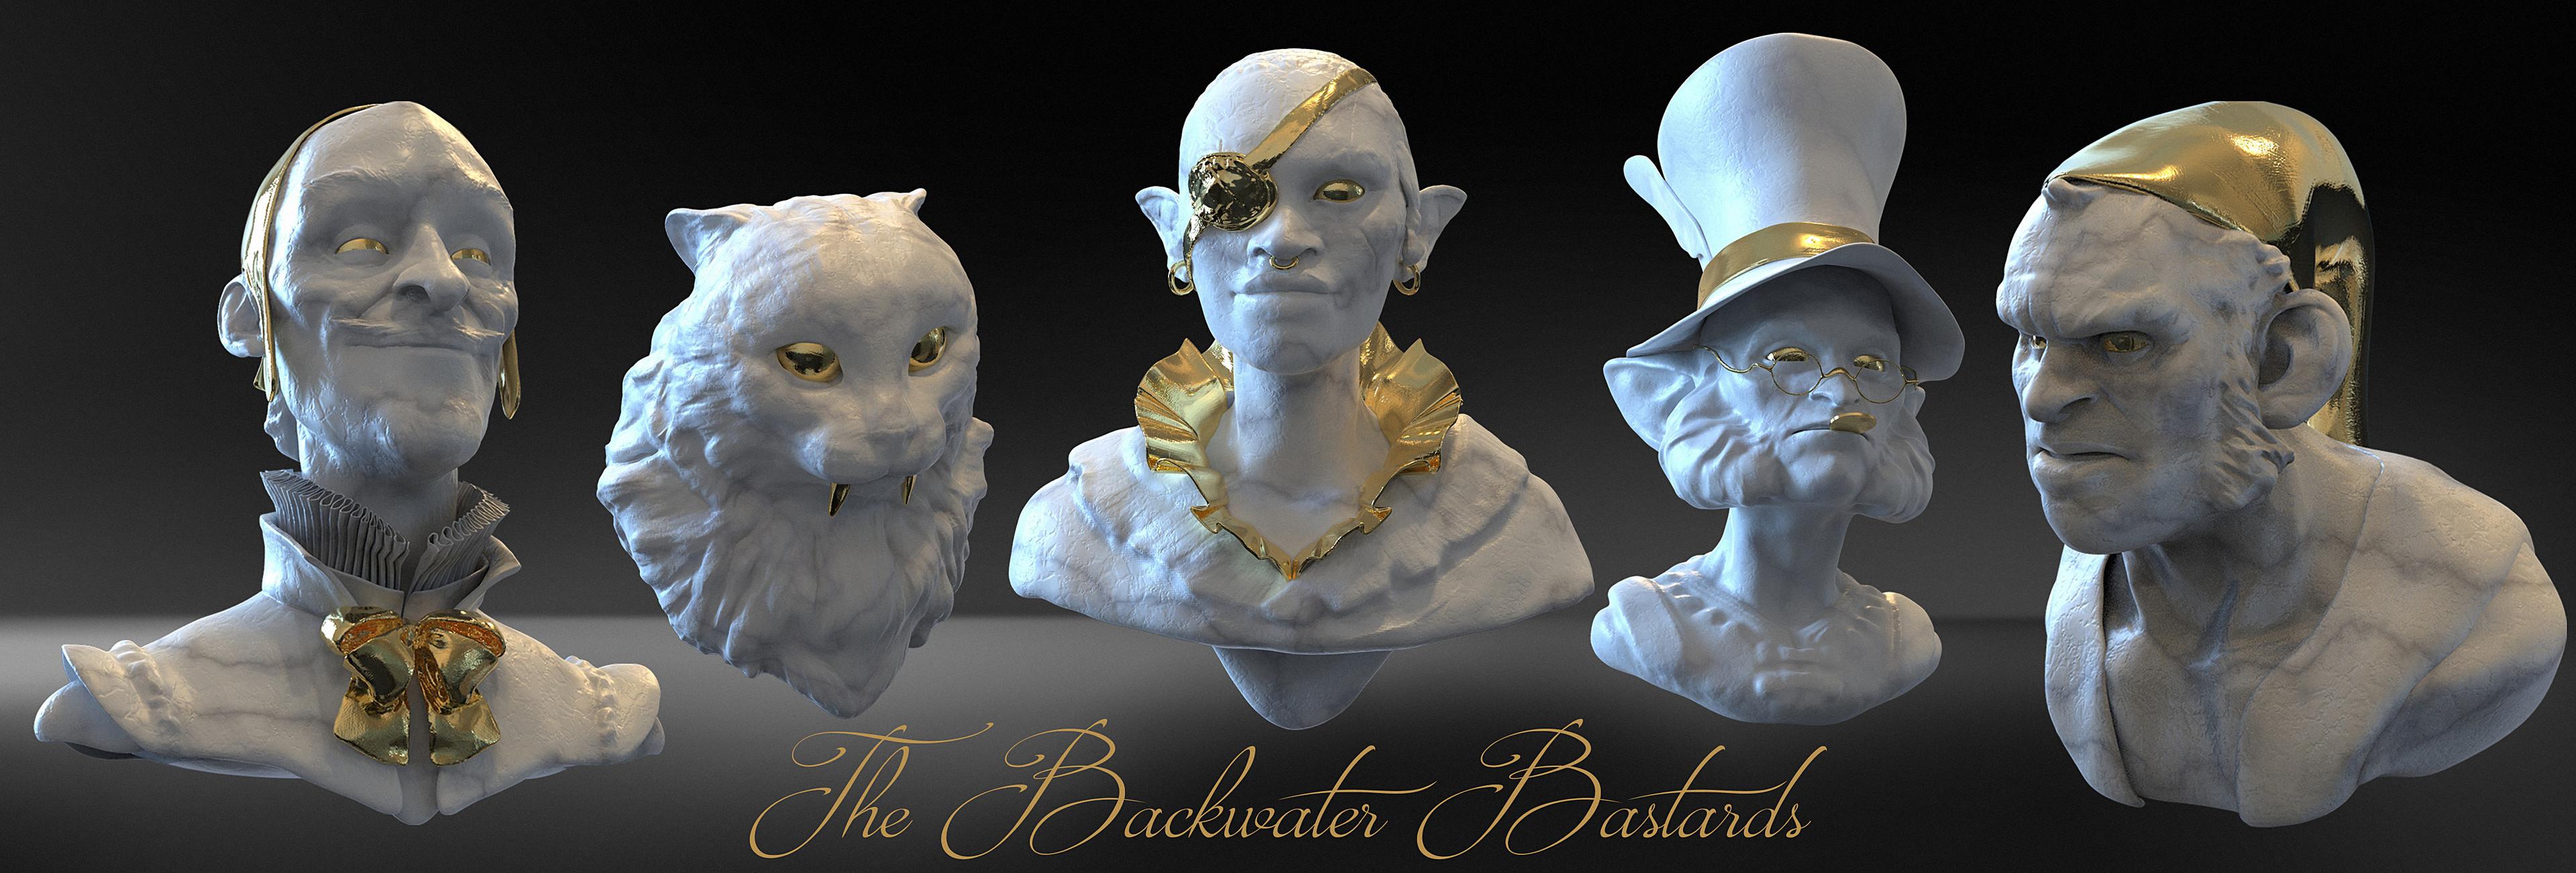 The Backwater Bastards!